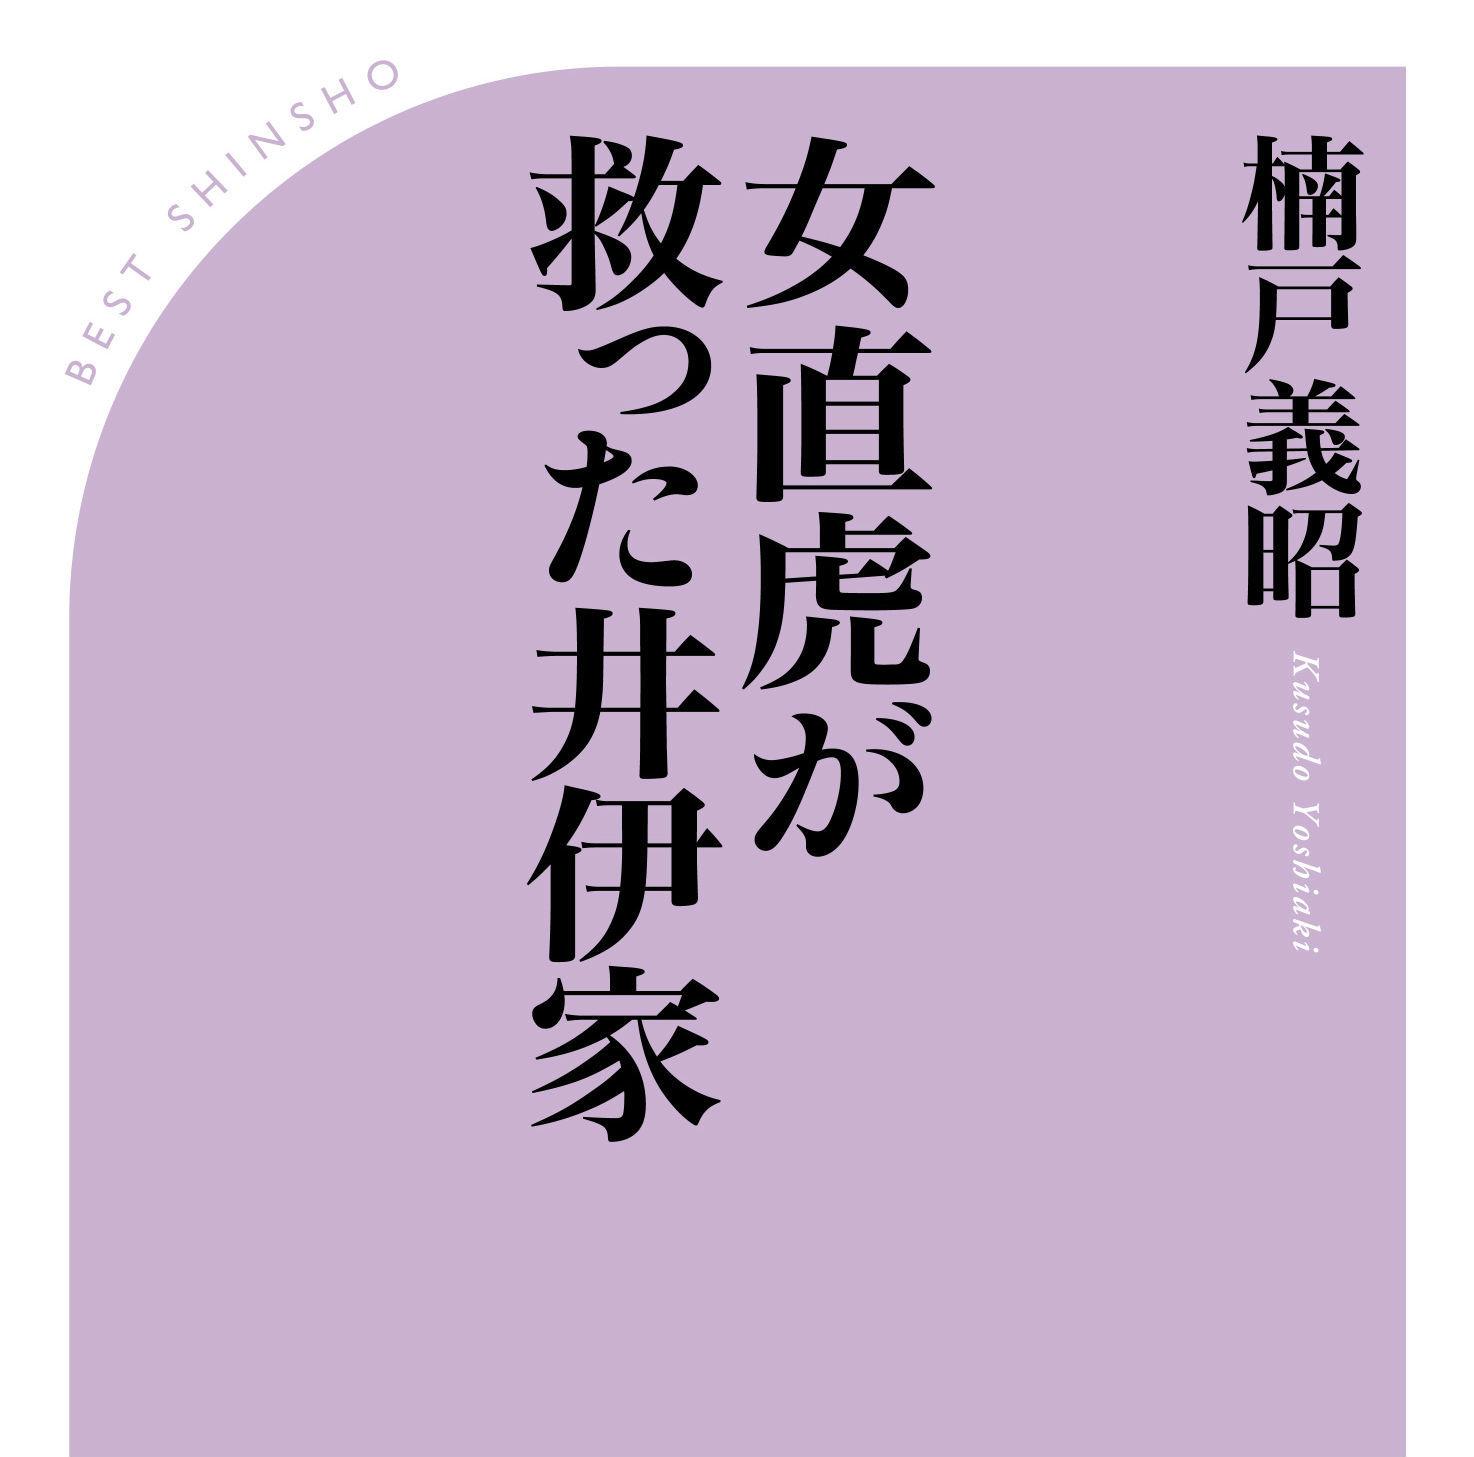 """真田に対抗した、もうひとつの""""赤備え""""井伊直孝の大坂冬の陣"""